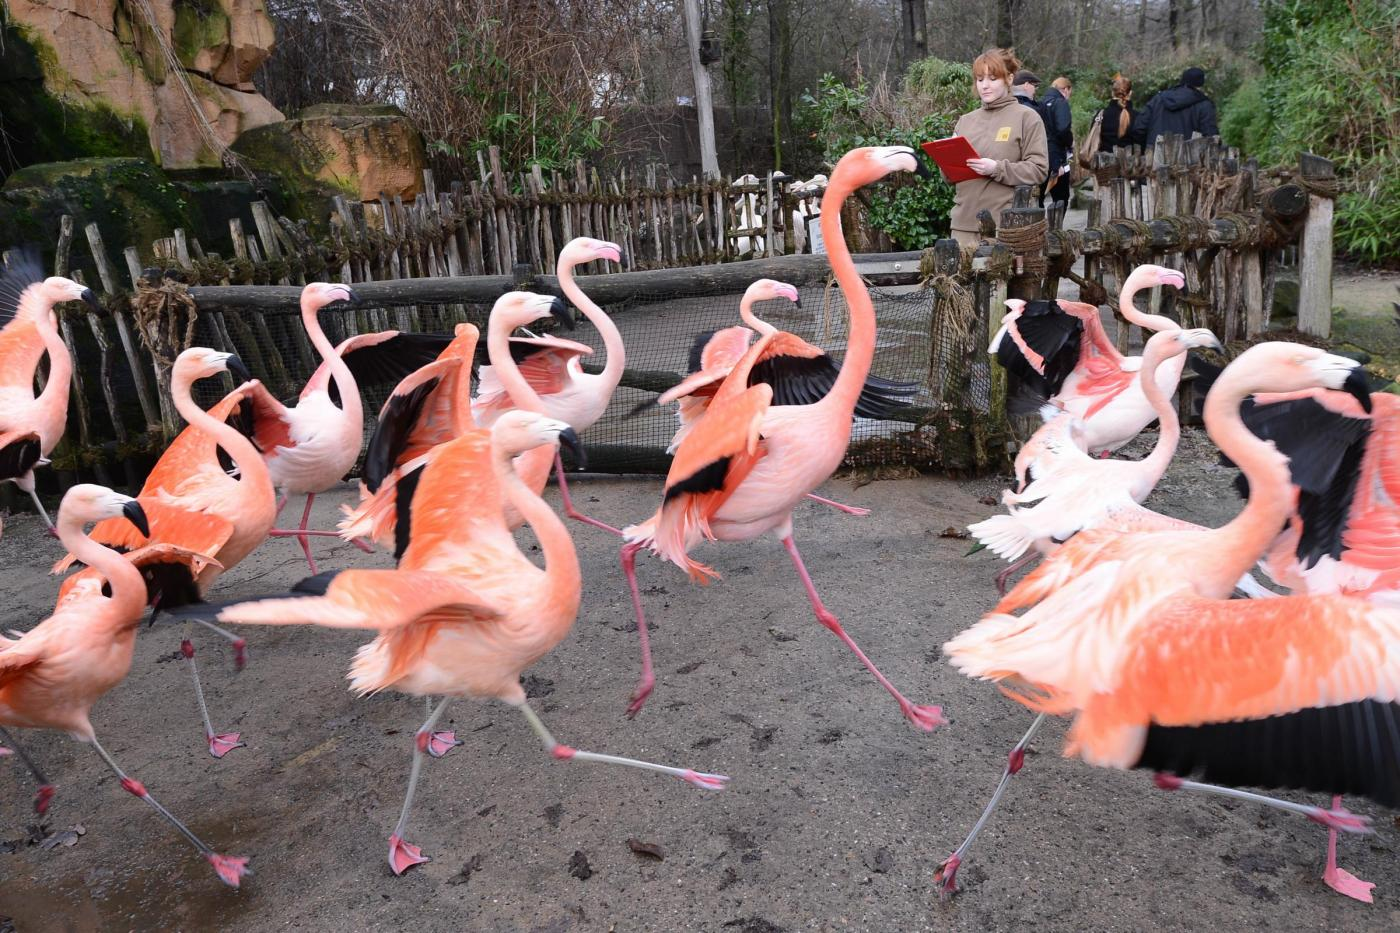 Inventario allo zoo di Hannover04